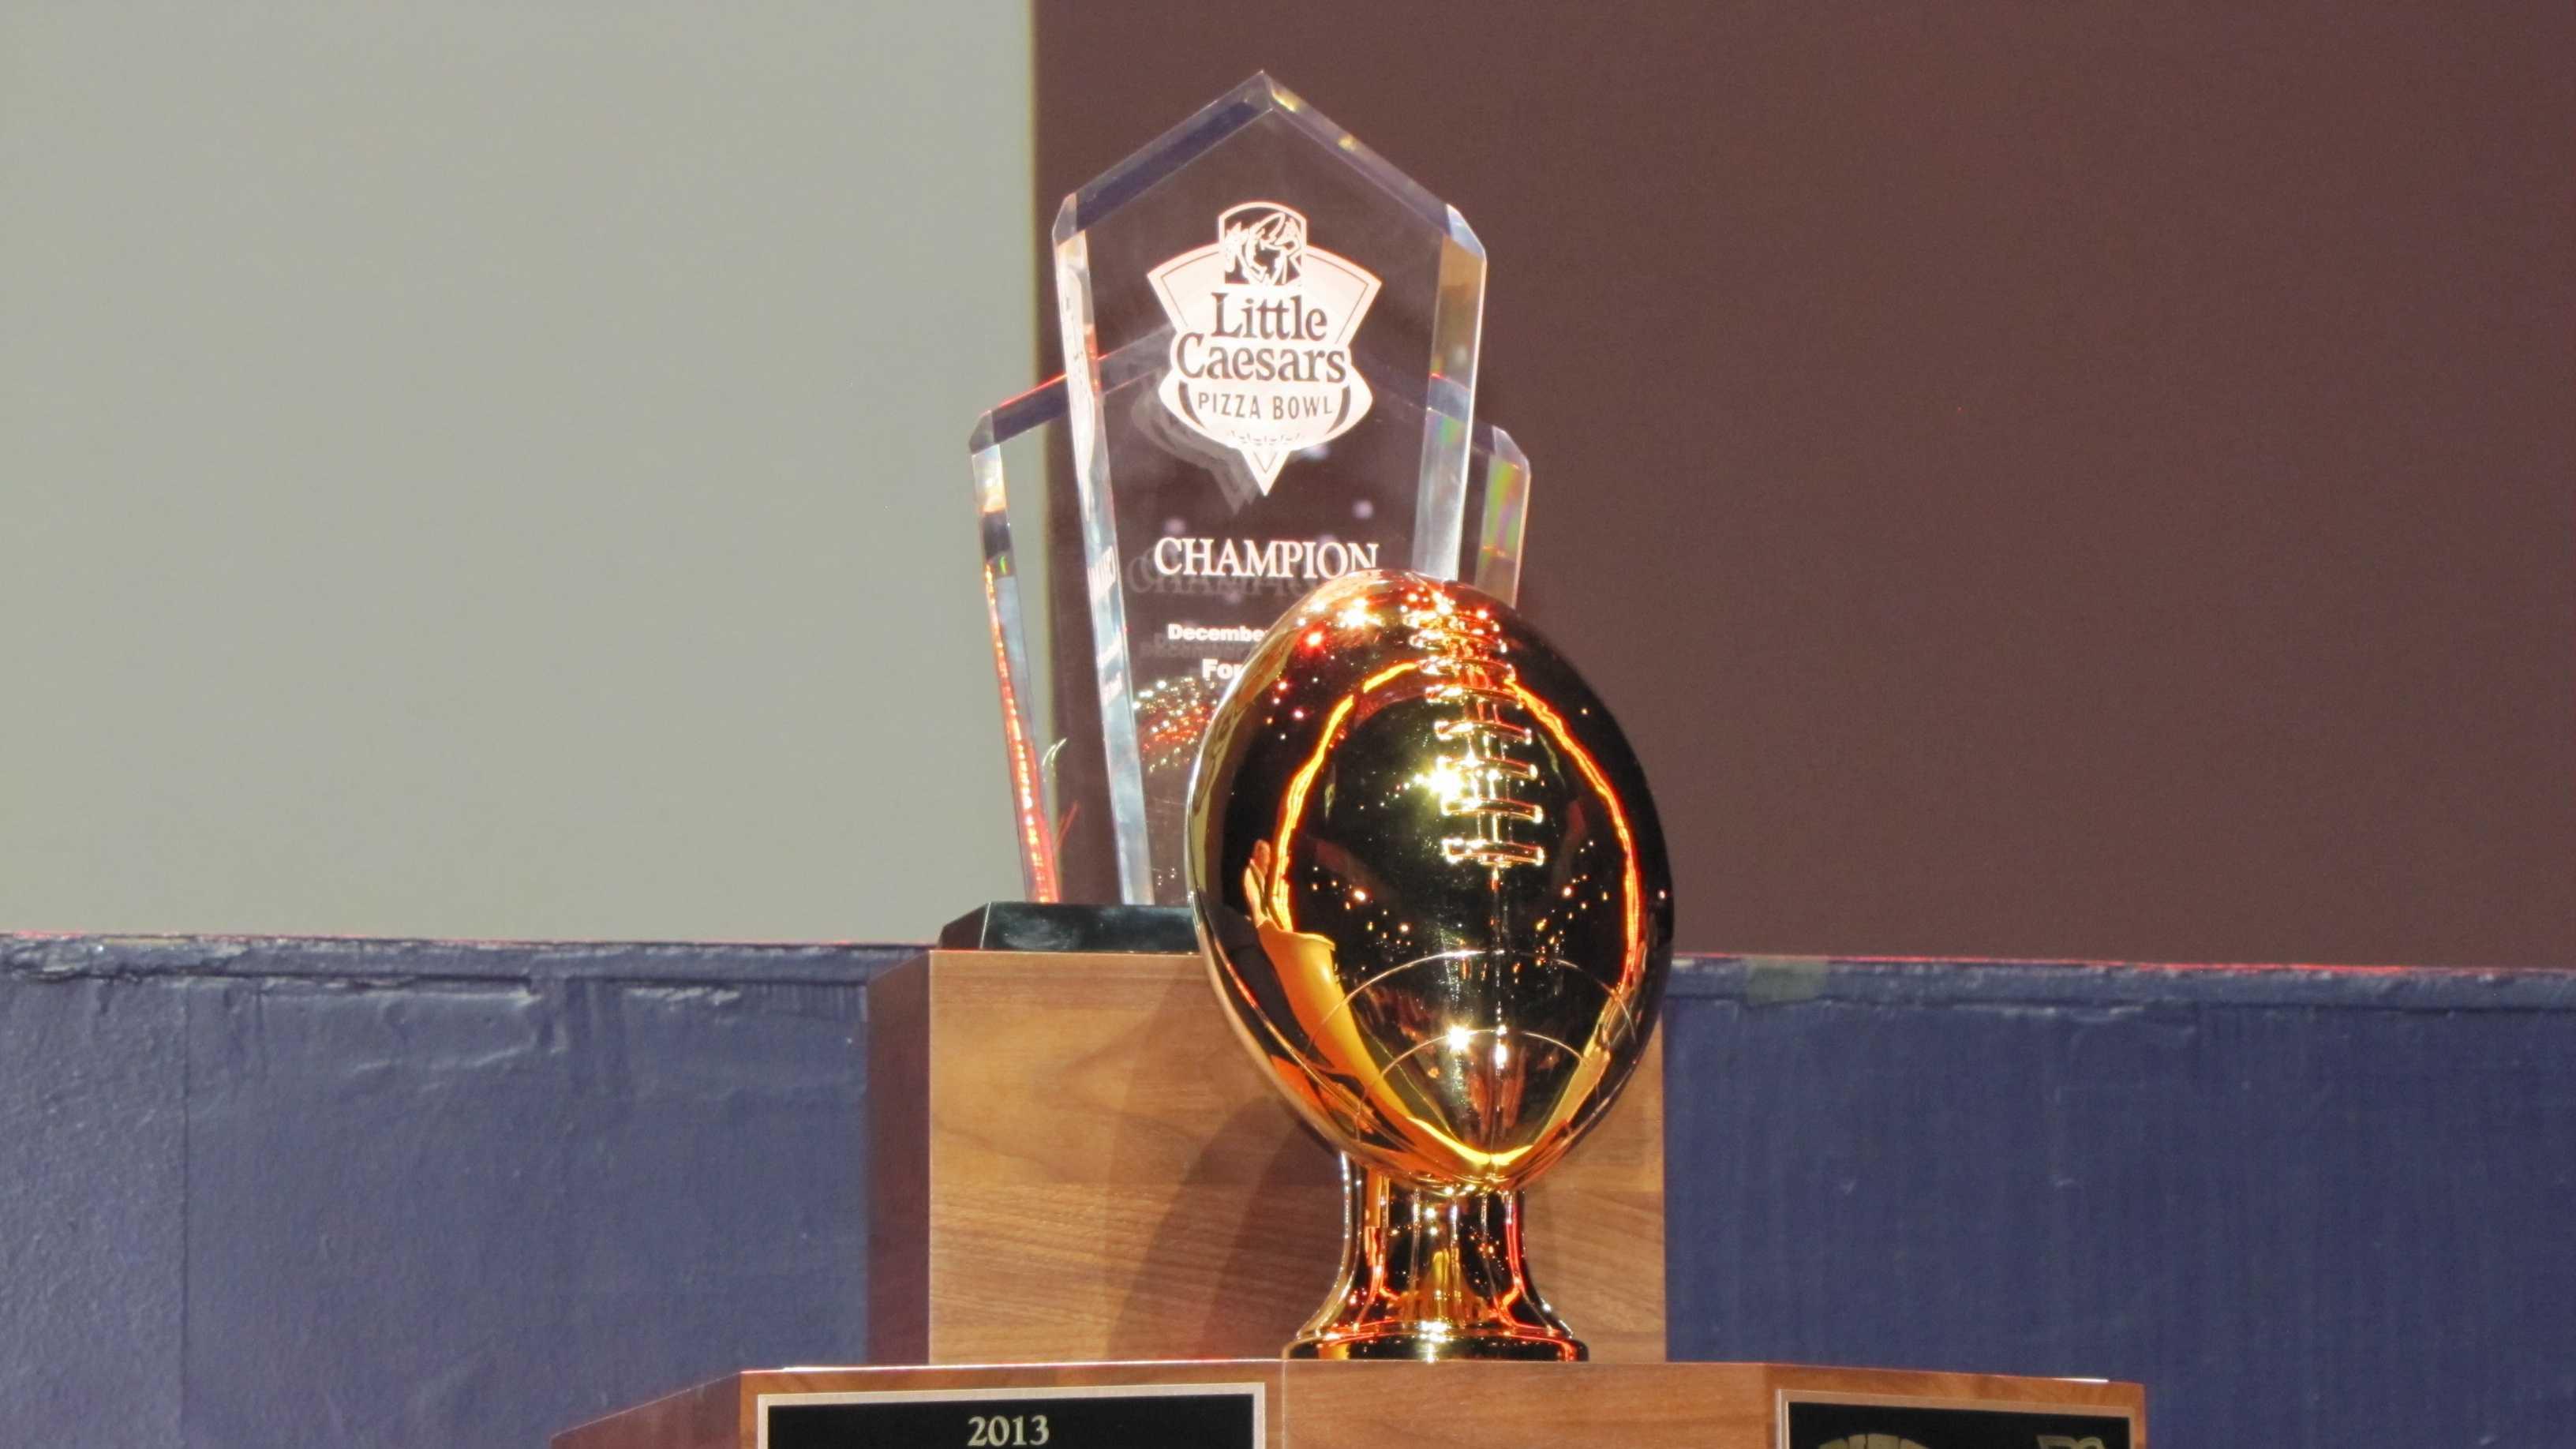 Little Caesars Pizza Bowl trophy